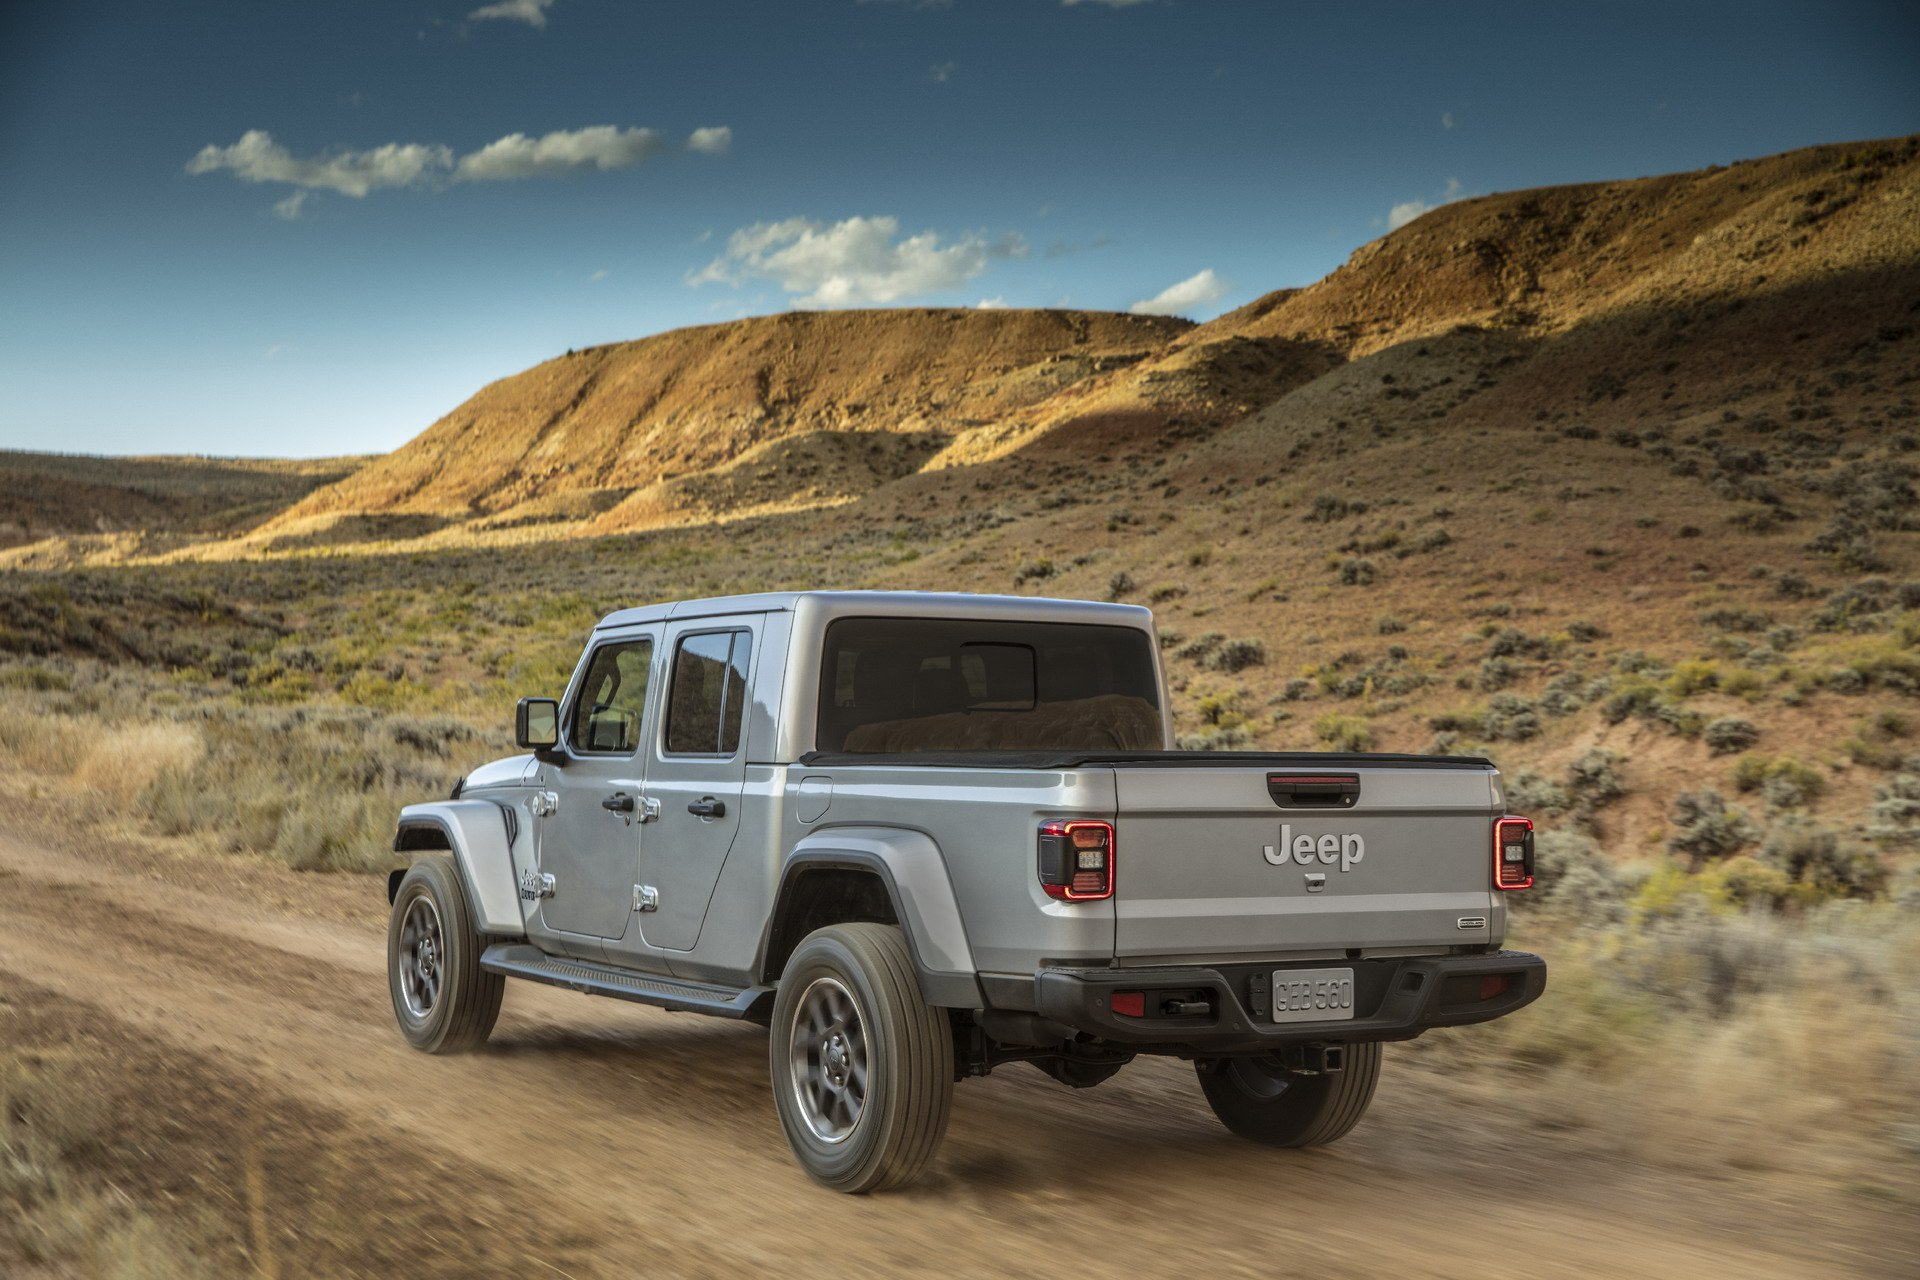 Jeep Gladiator 2019 (138)